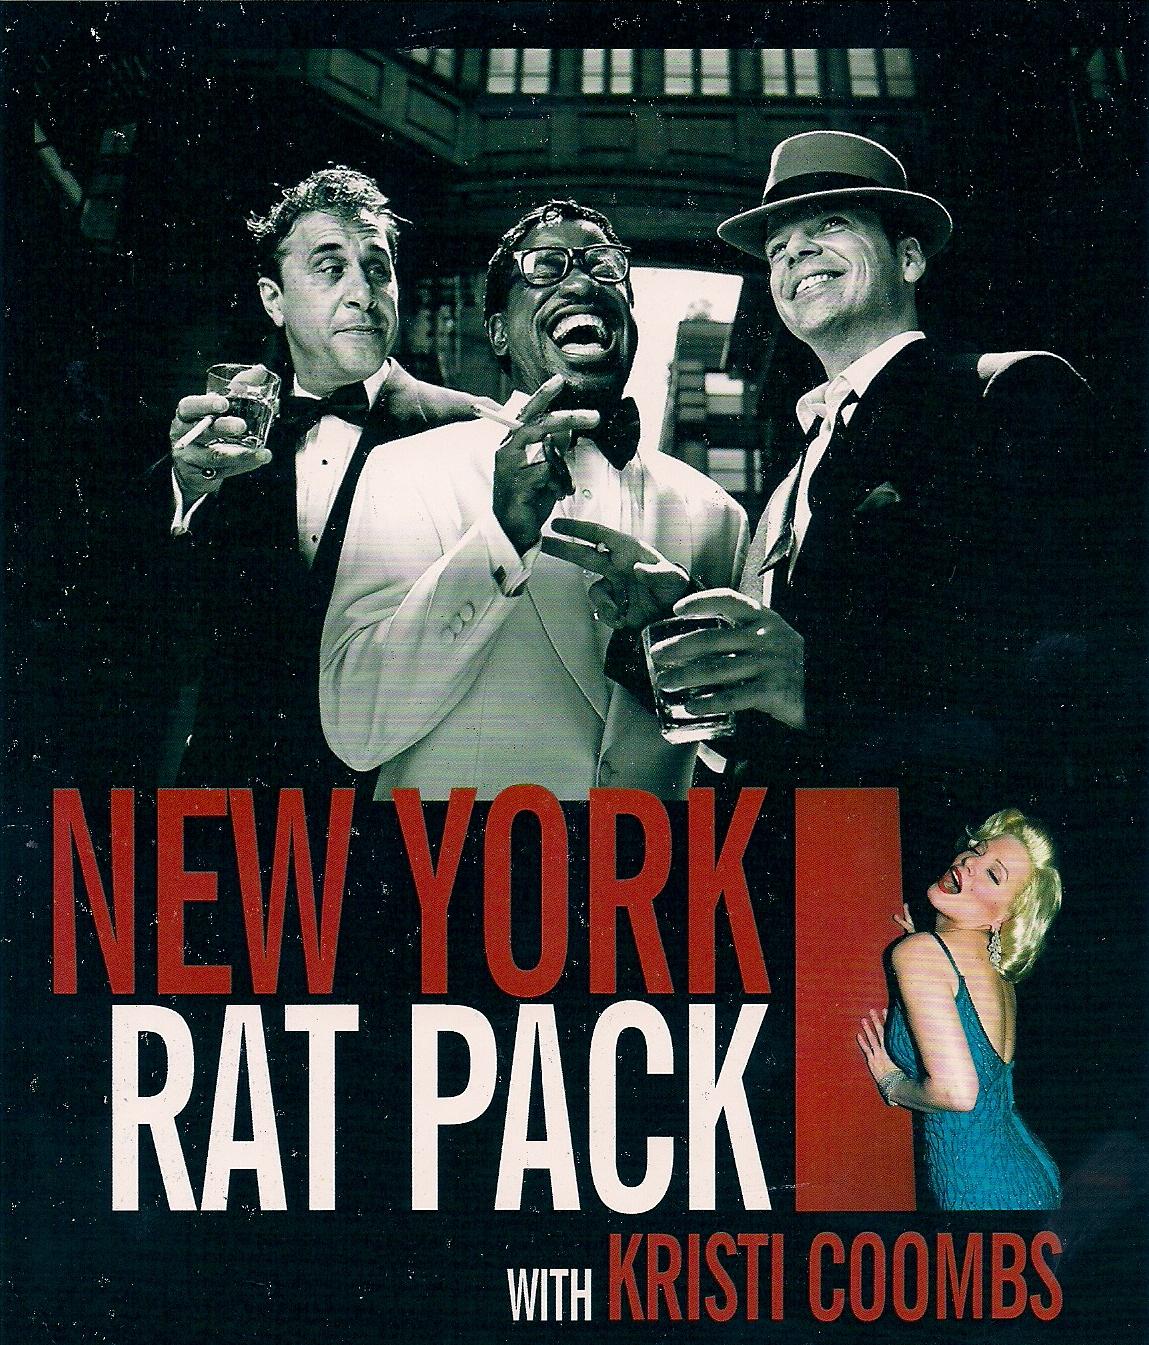 NY_RatPack